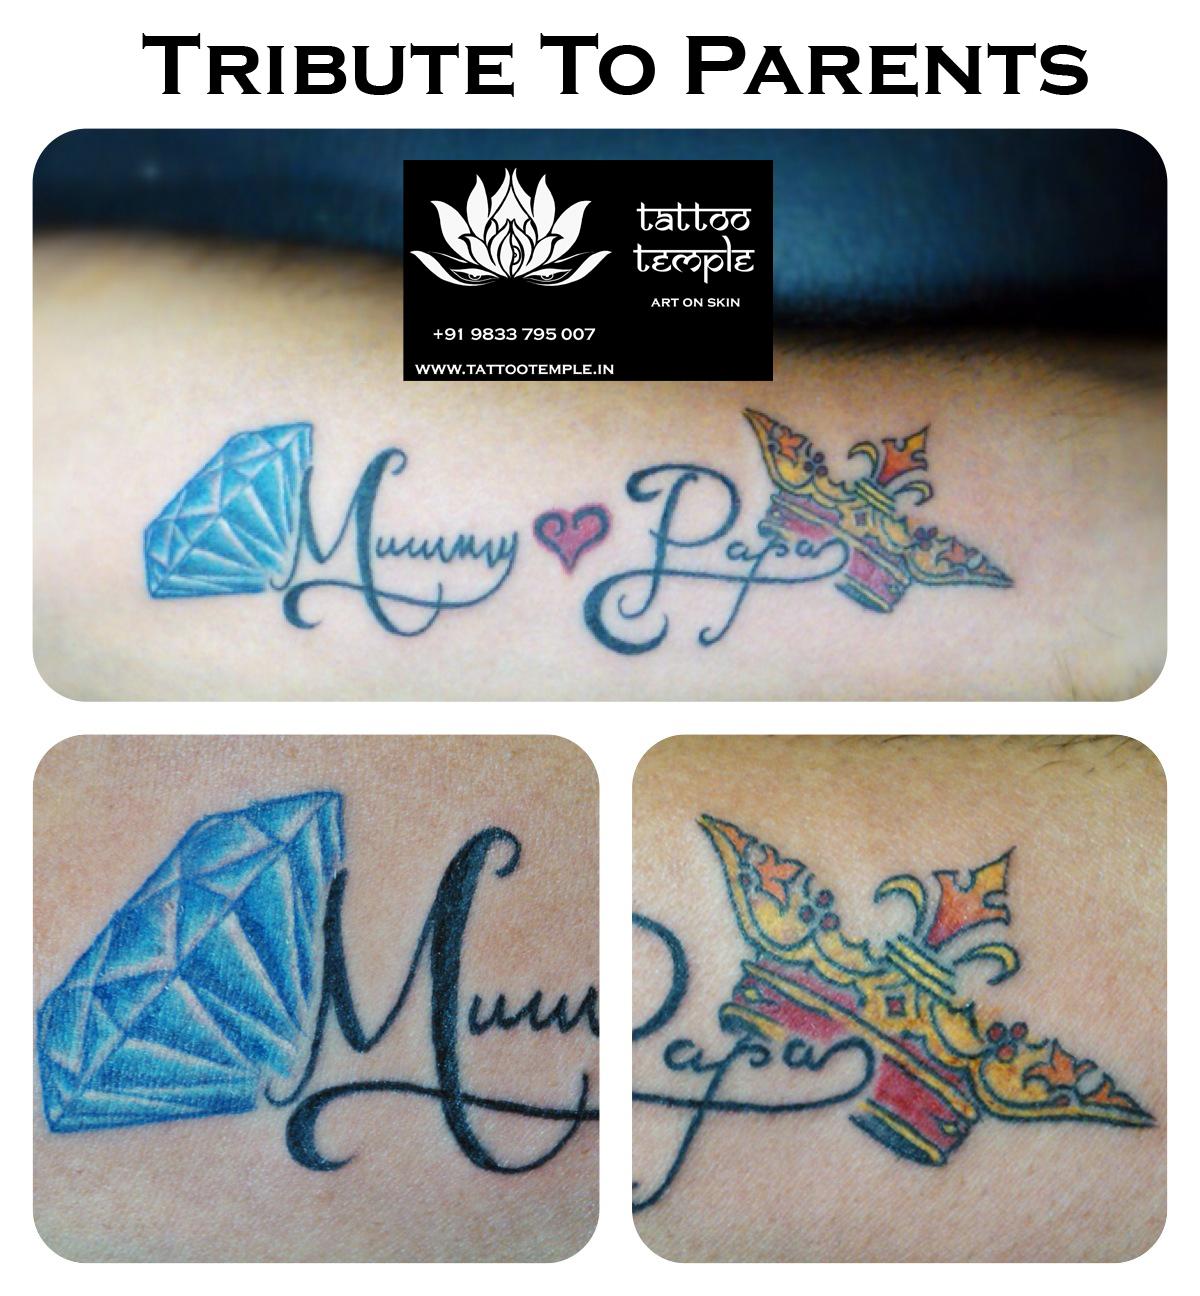 Tribute Tatt Tattoo Temple 108